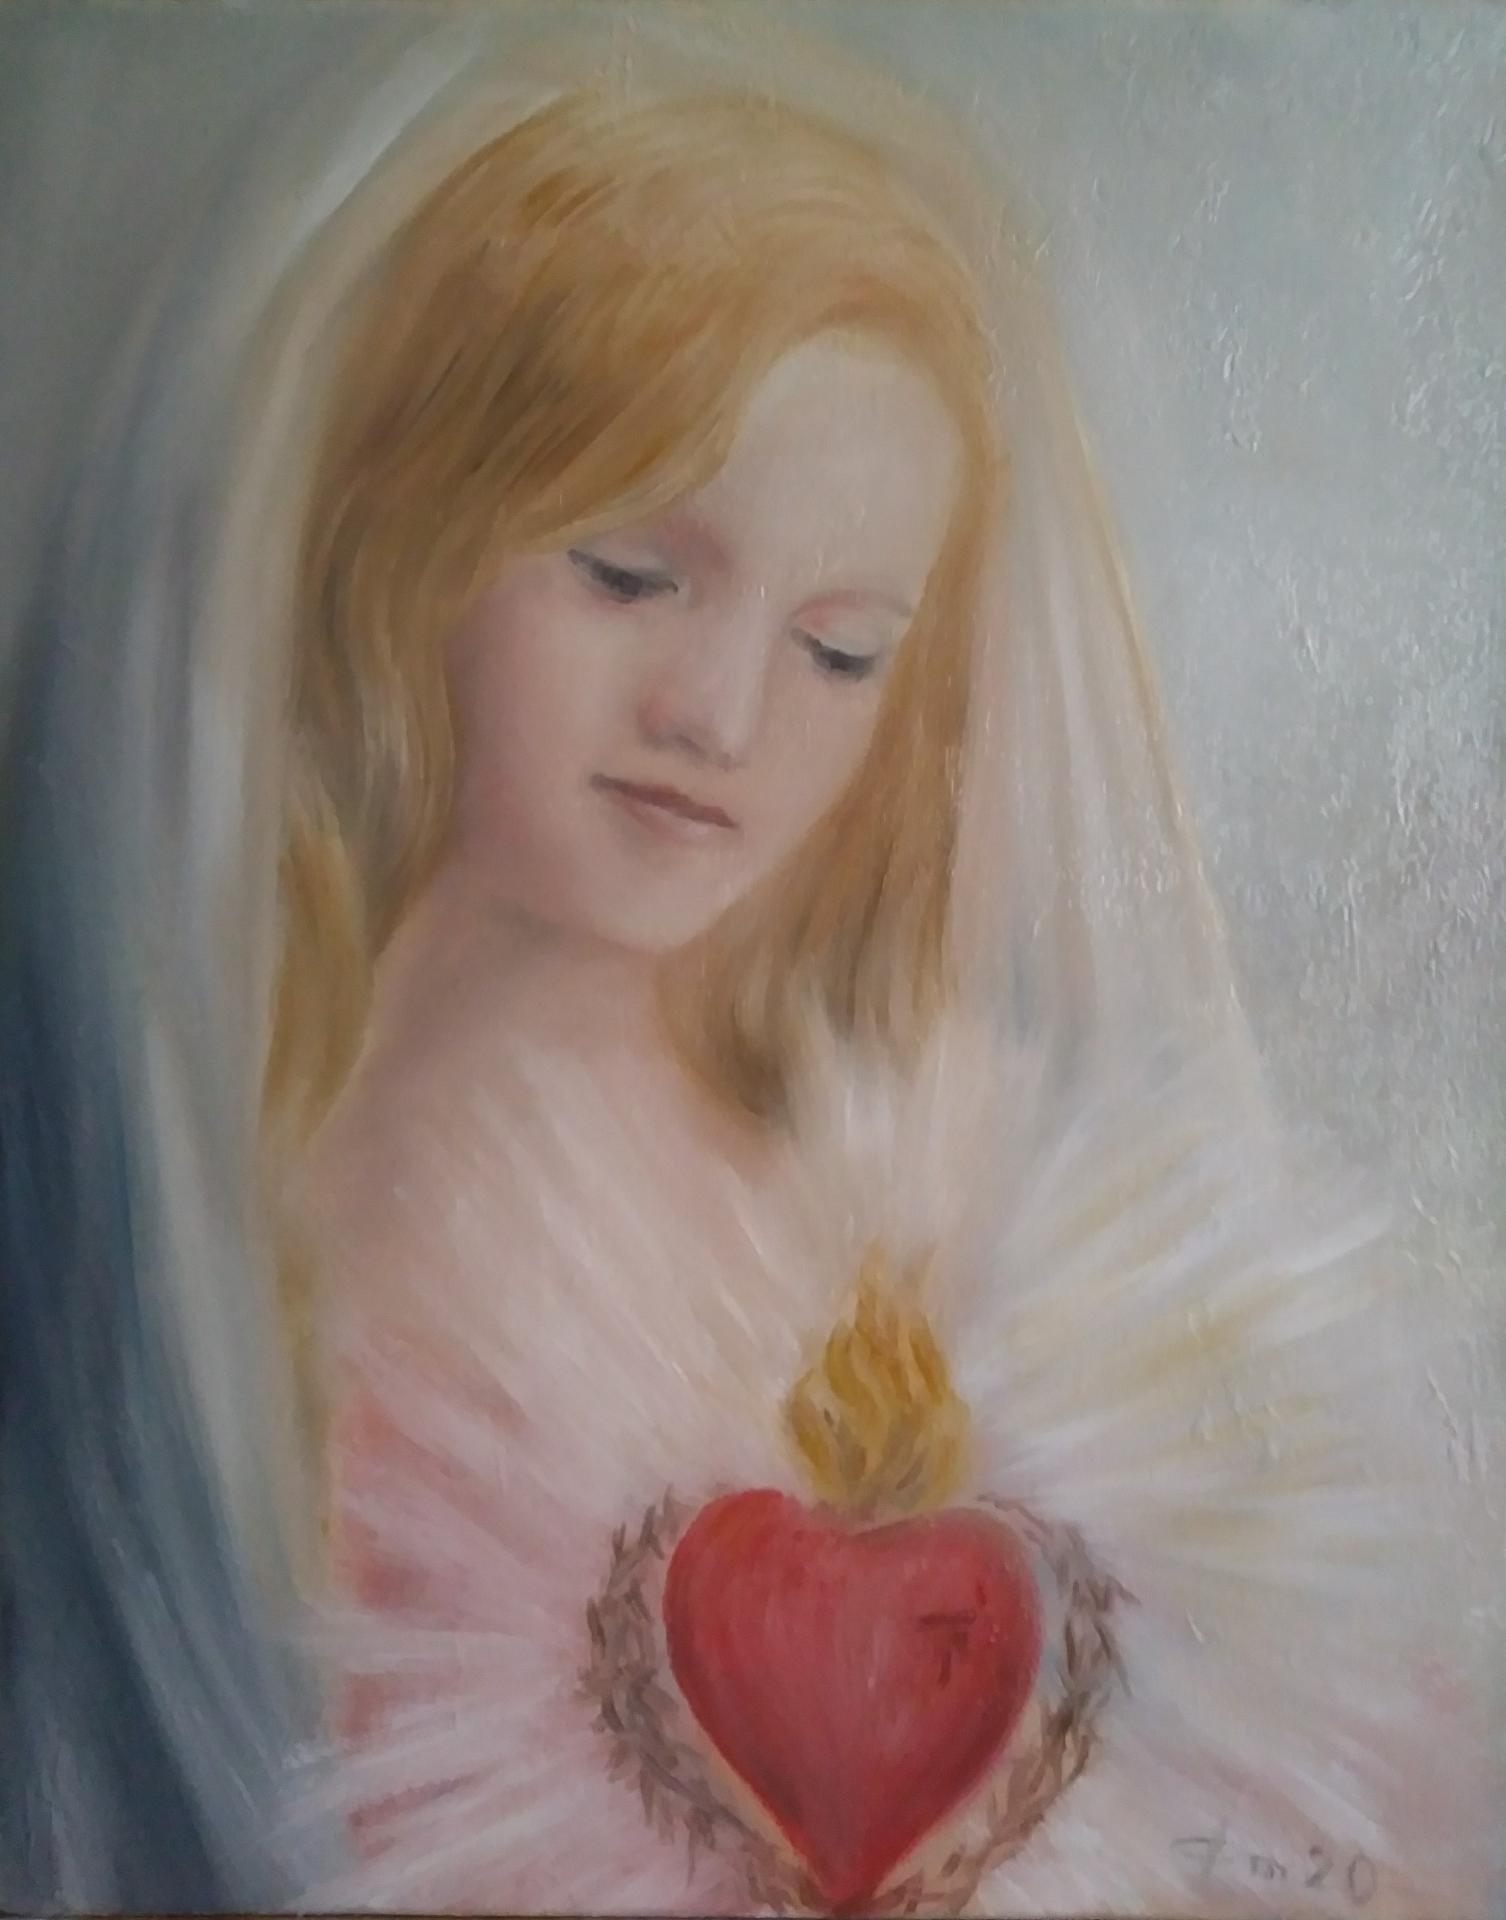 Coeur immaculee peinture d art sacre de jean joseph chevalier